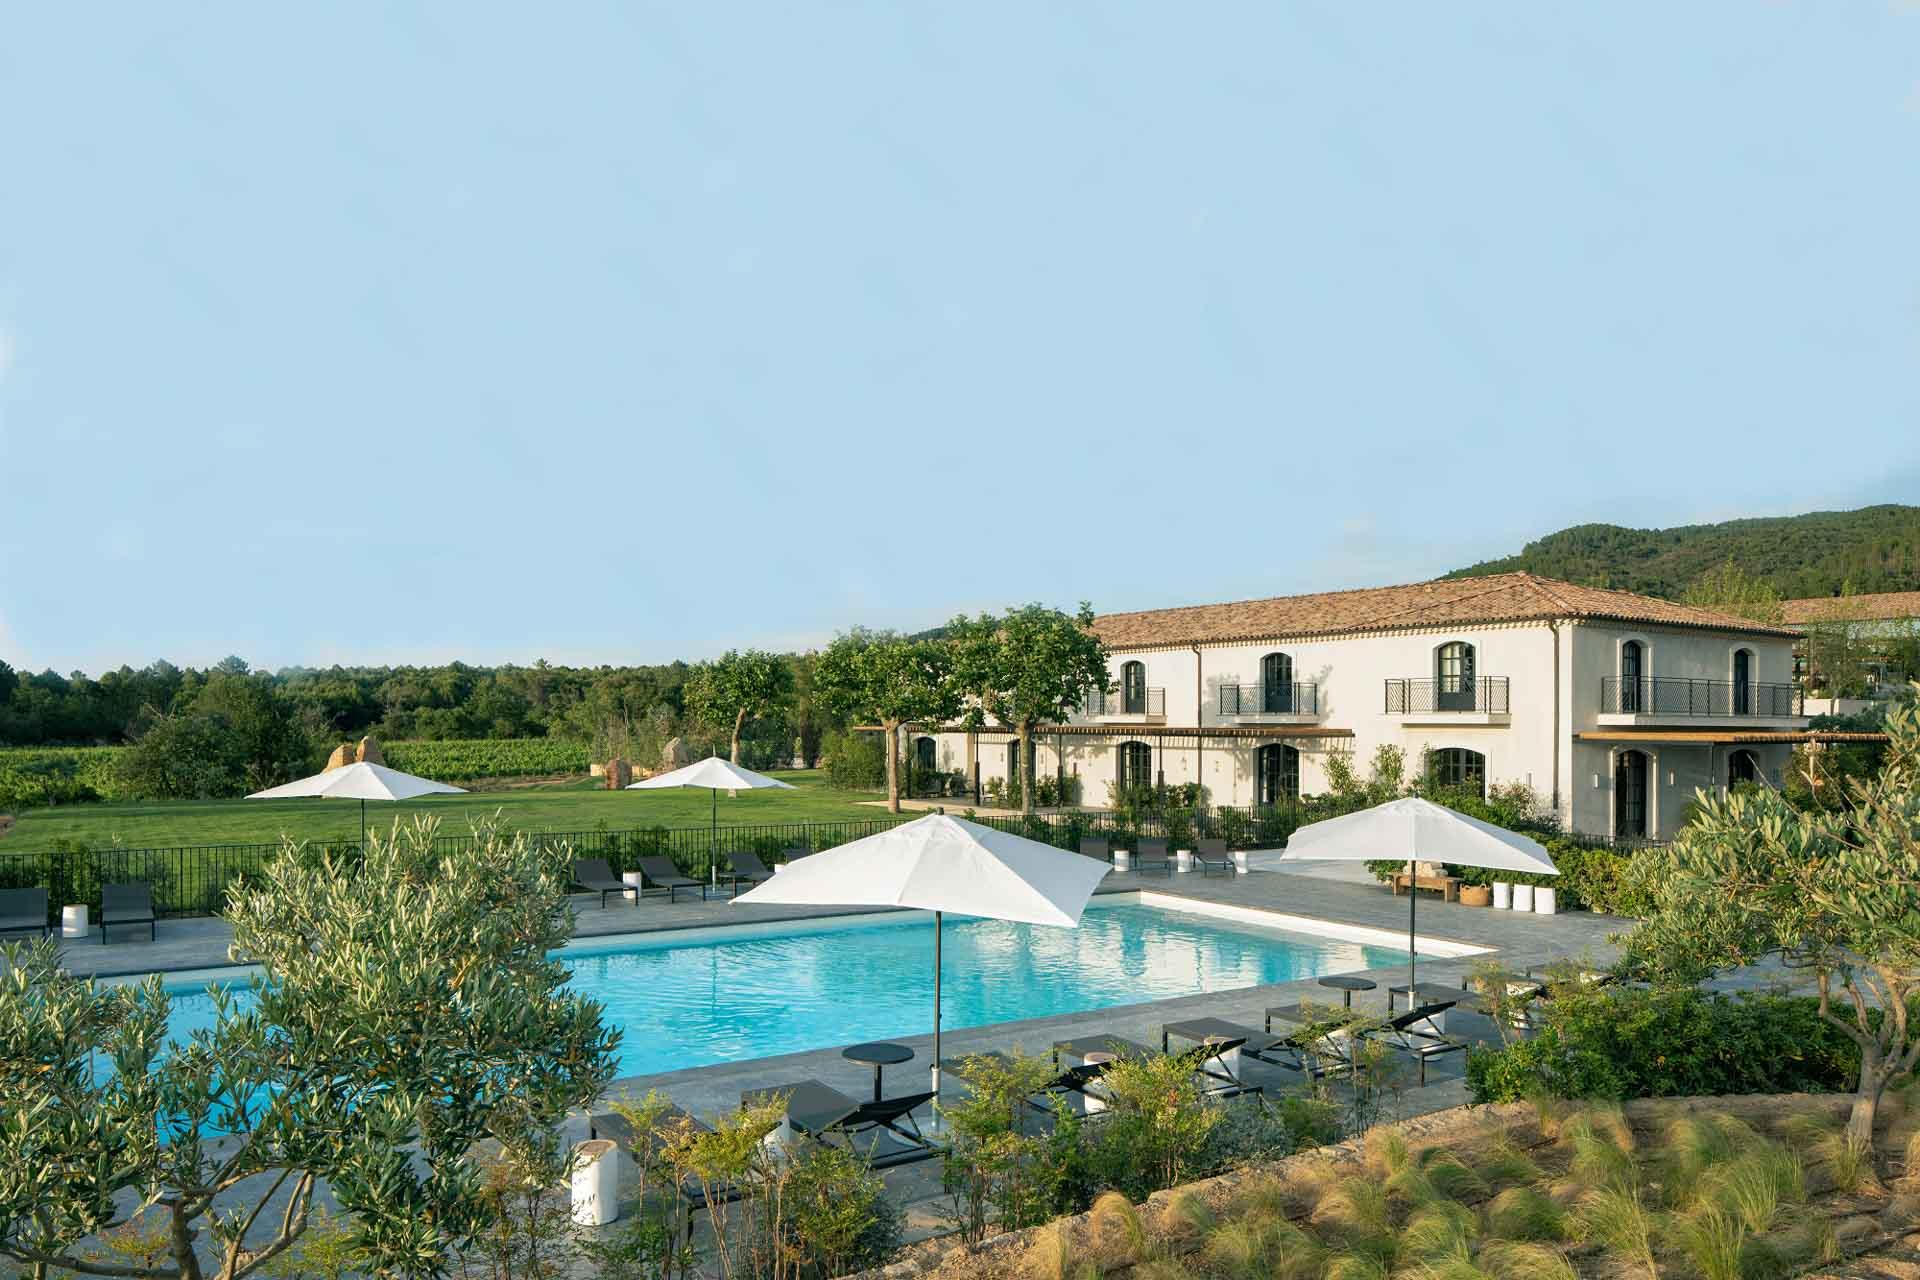 L'arrière de l'hôtel donne sur la piscine © DR